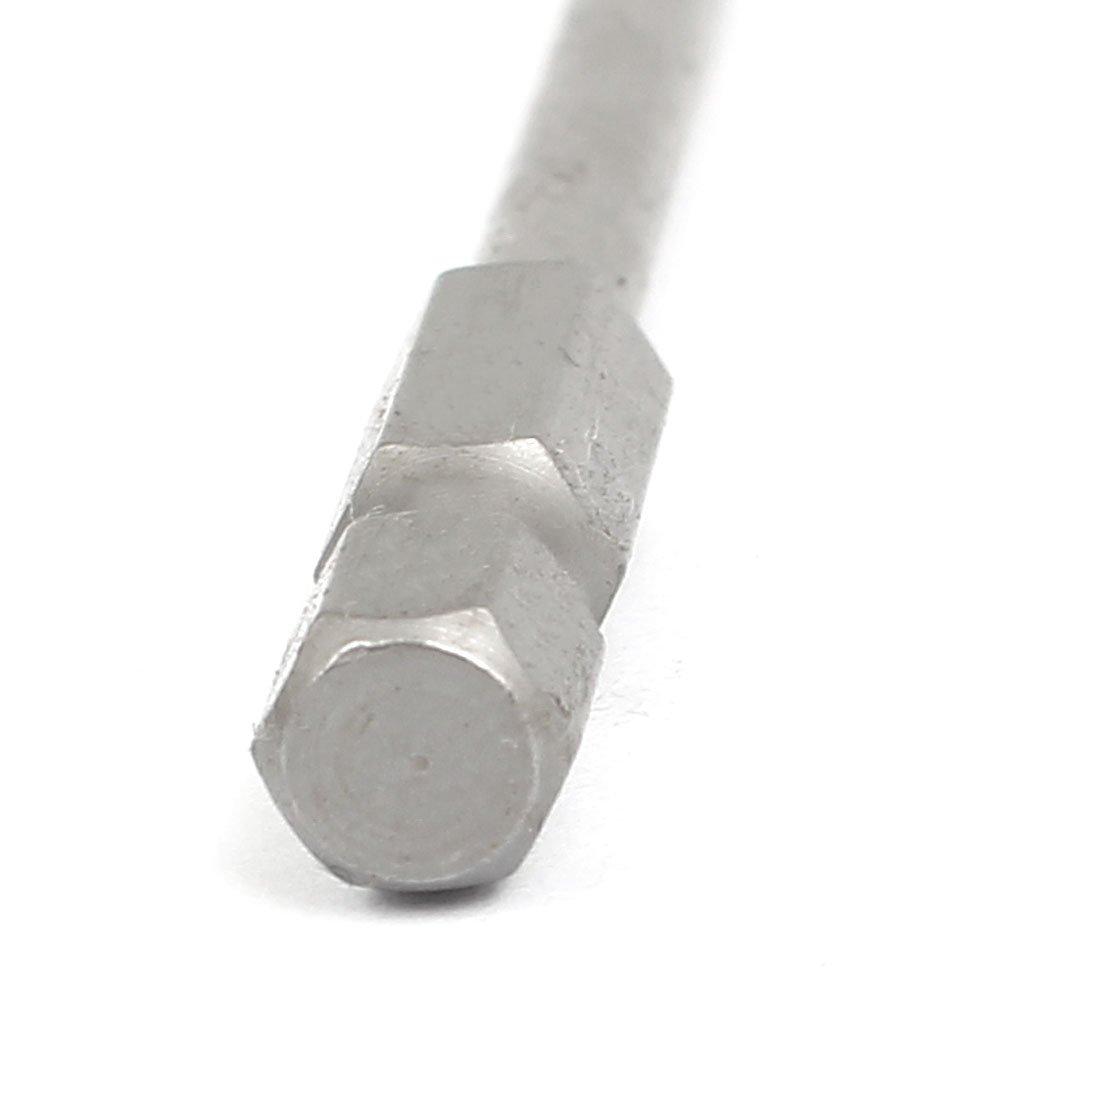 1//10,16 cm adaptadores hexagonales para taladro 3 mm Allen H3,0 en juego de puntas de destornillador 10 piezas